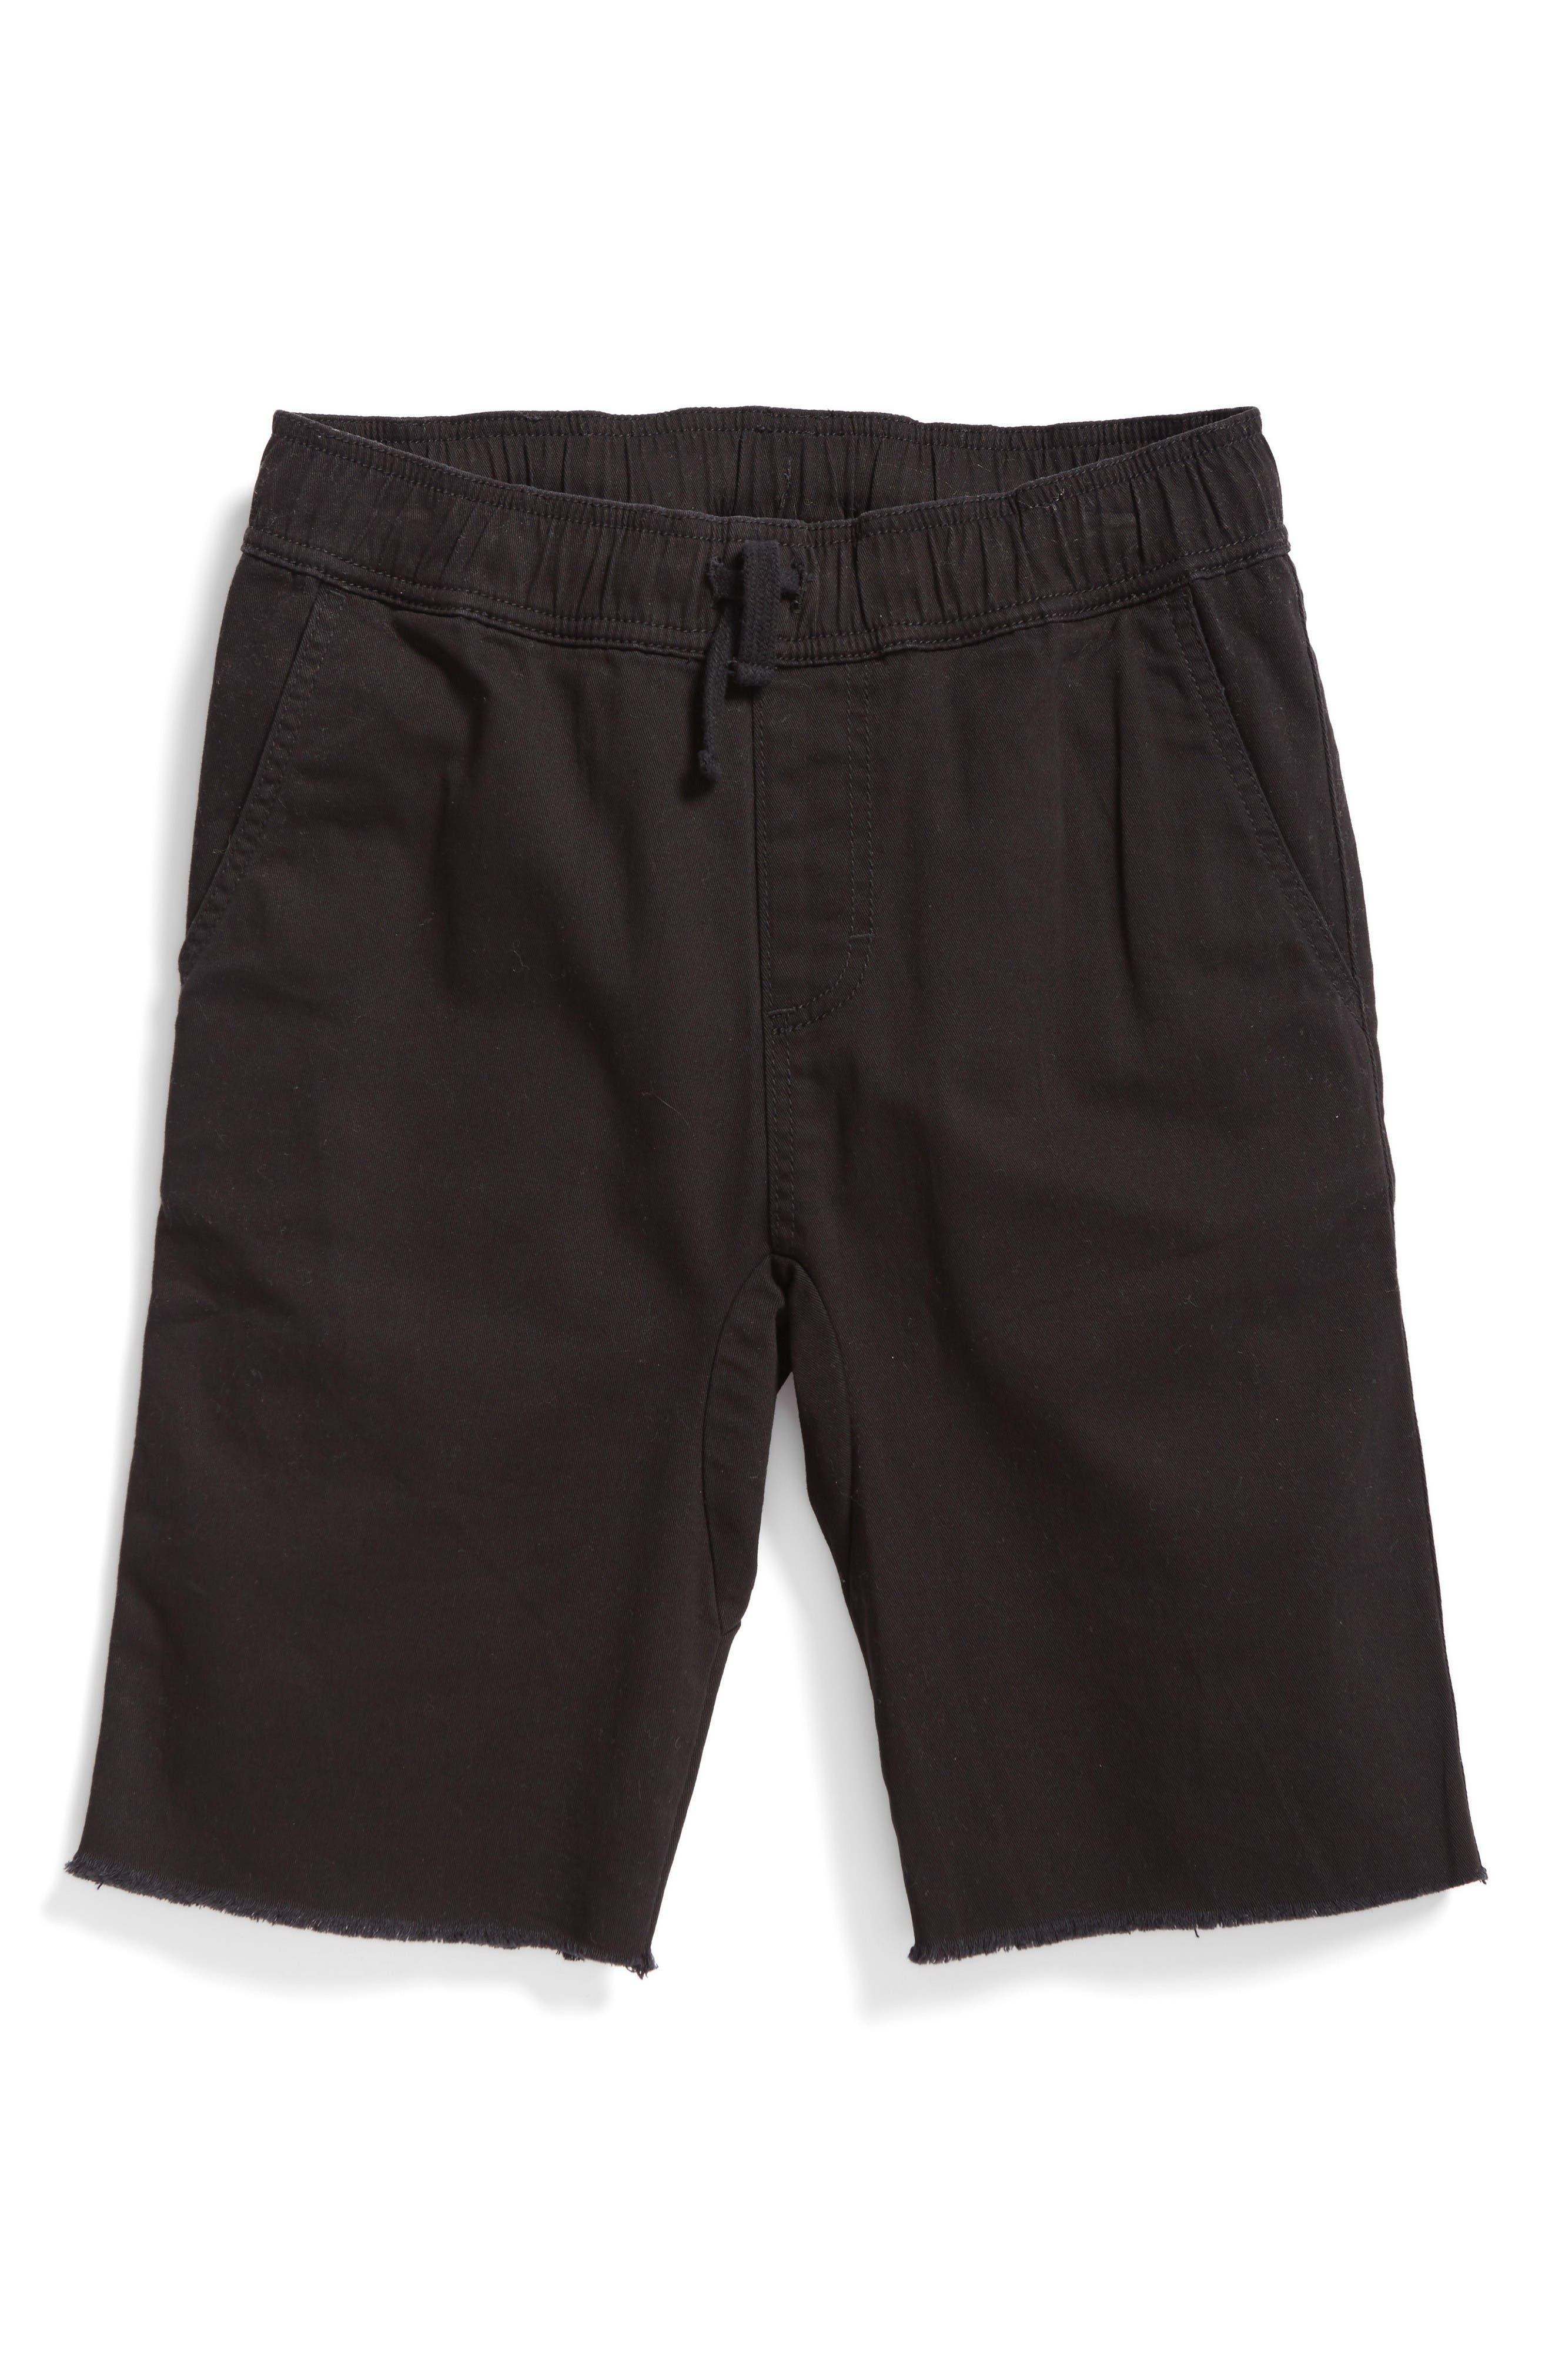 Jogger Shorts,                         Main,                         color, Black